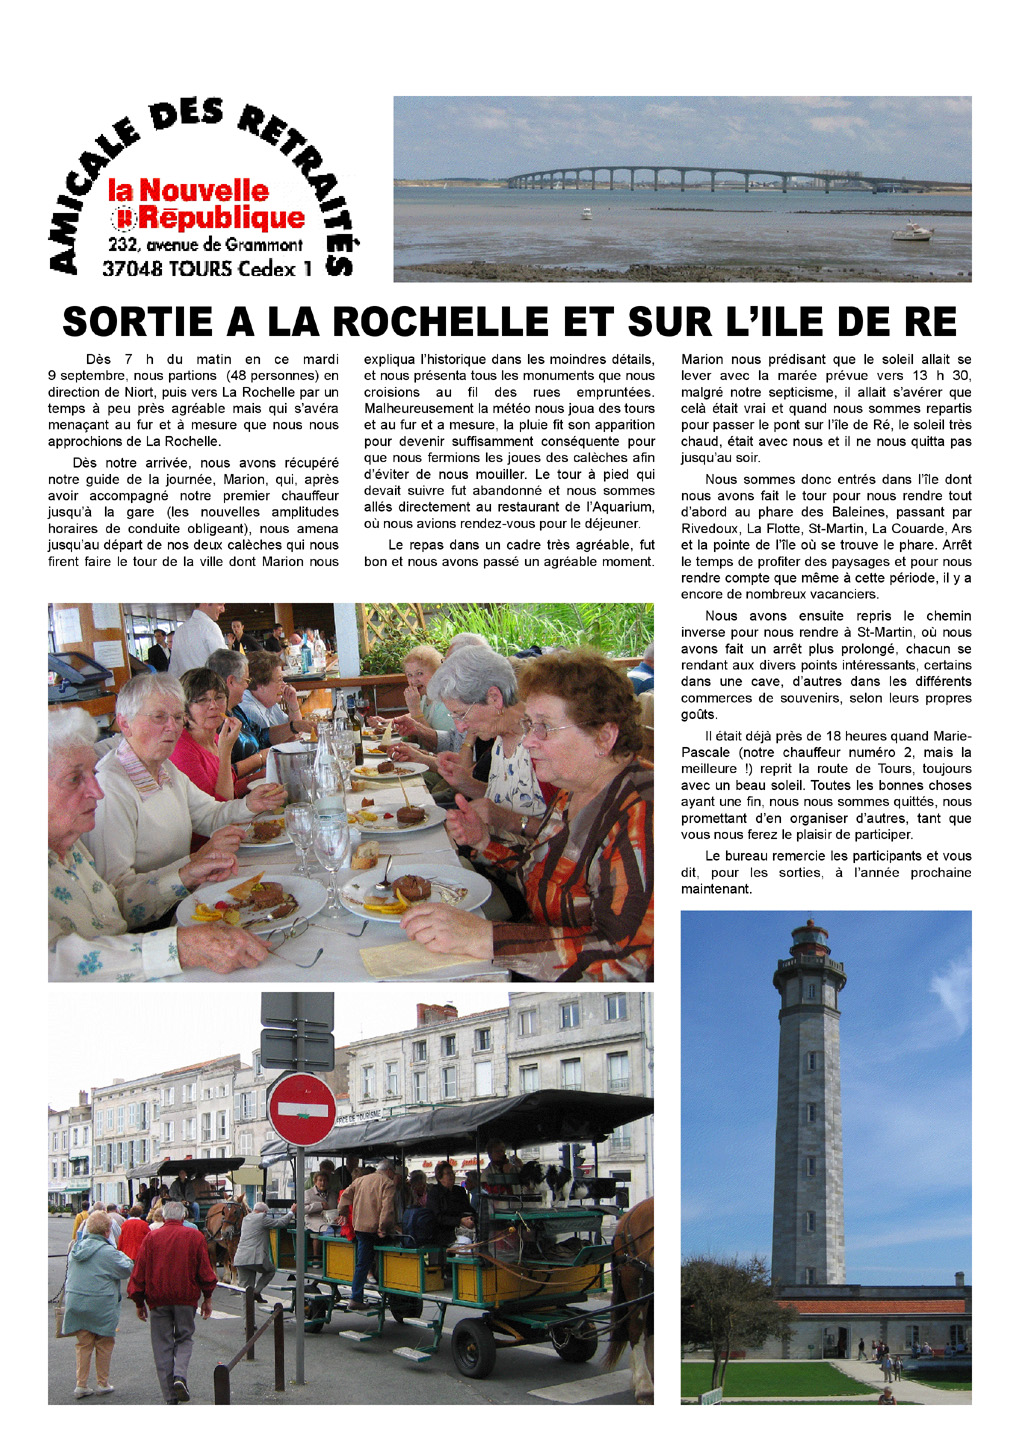 Journée à la Rochelle, amicale des retraités de la Nouvelle République